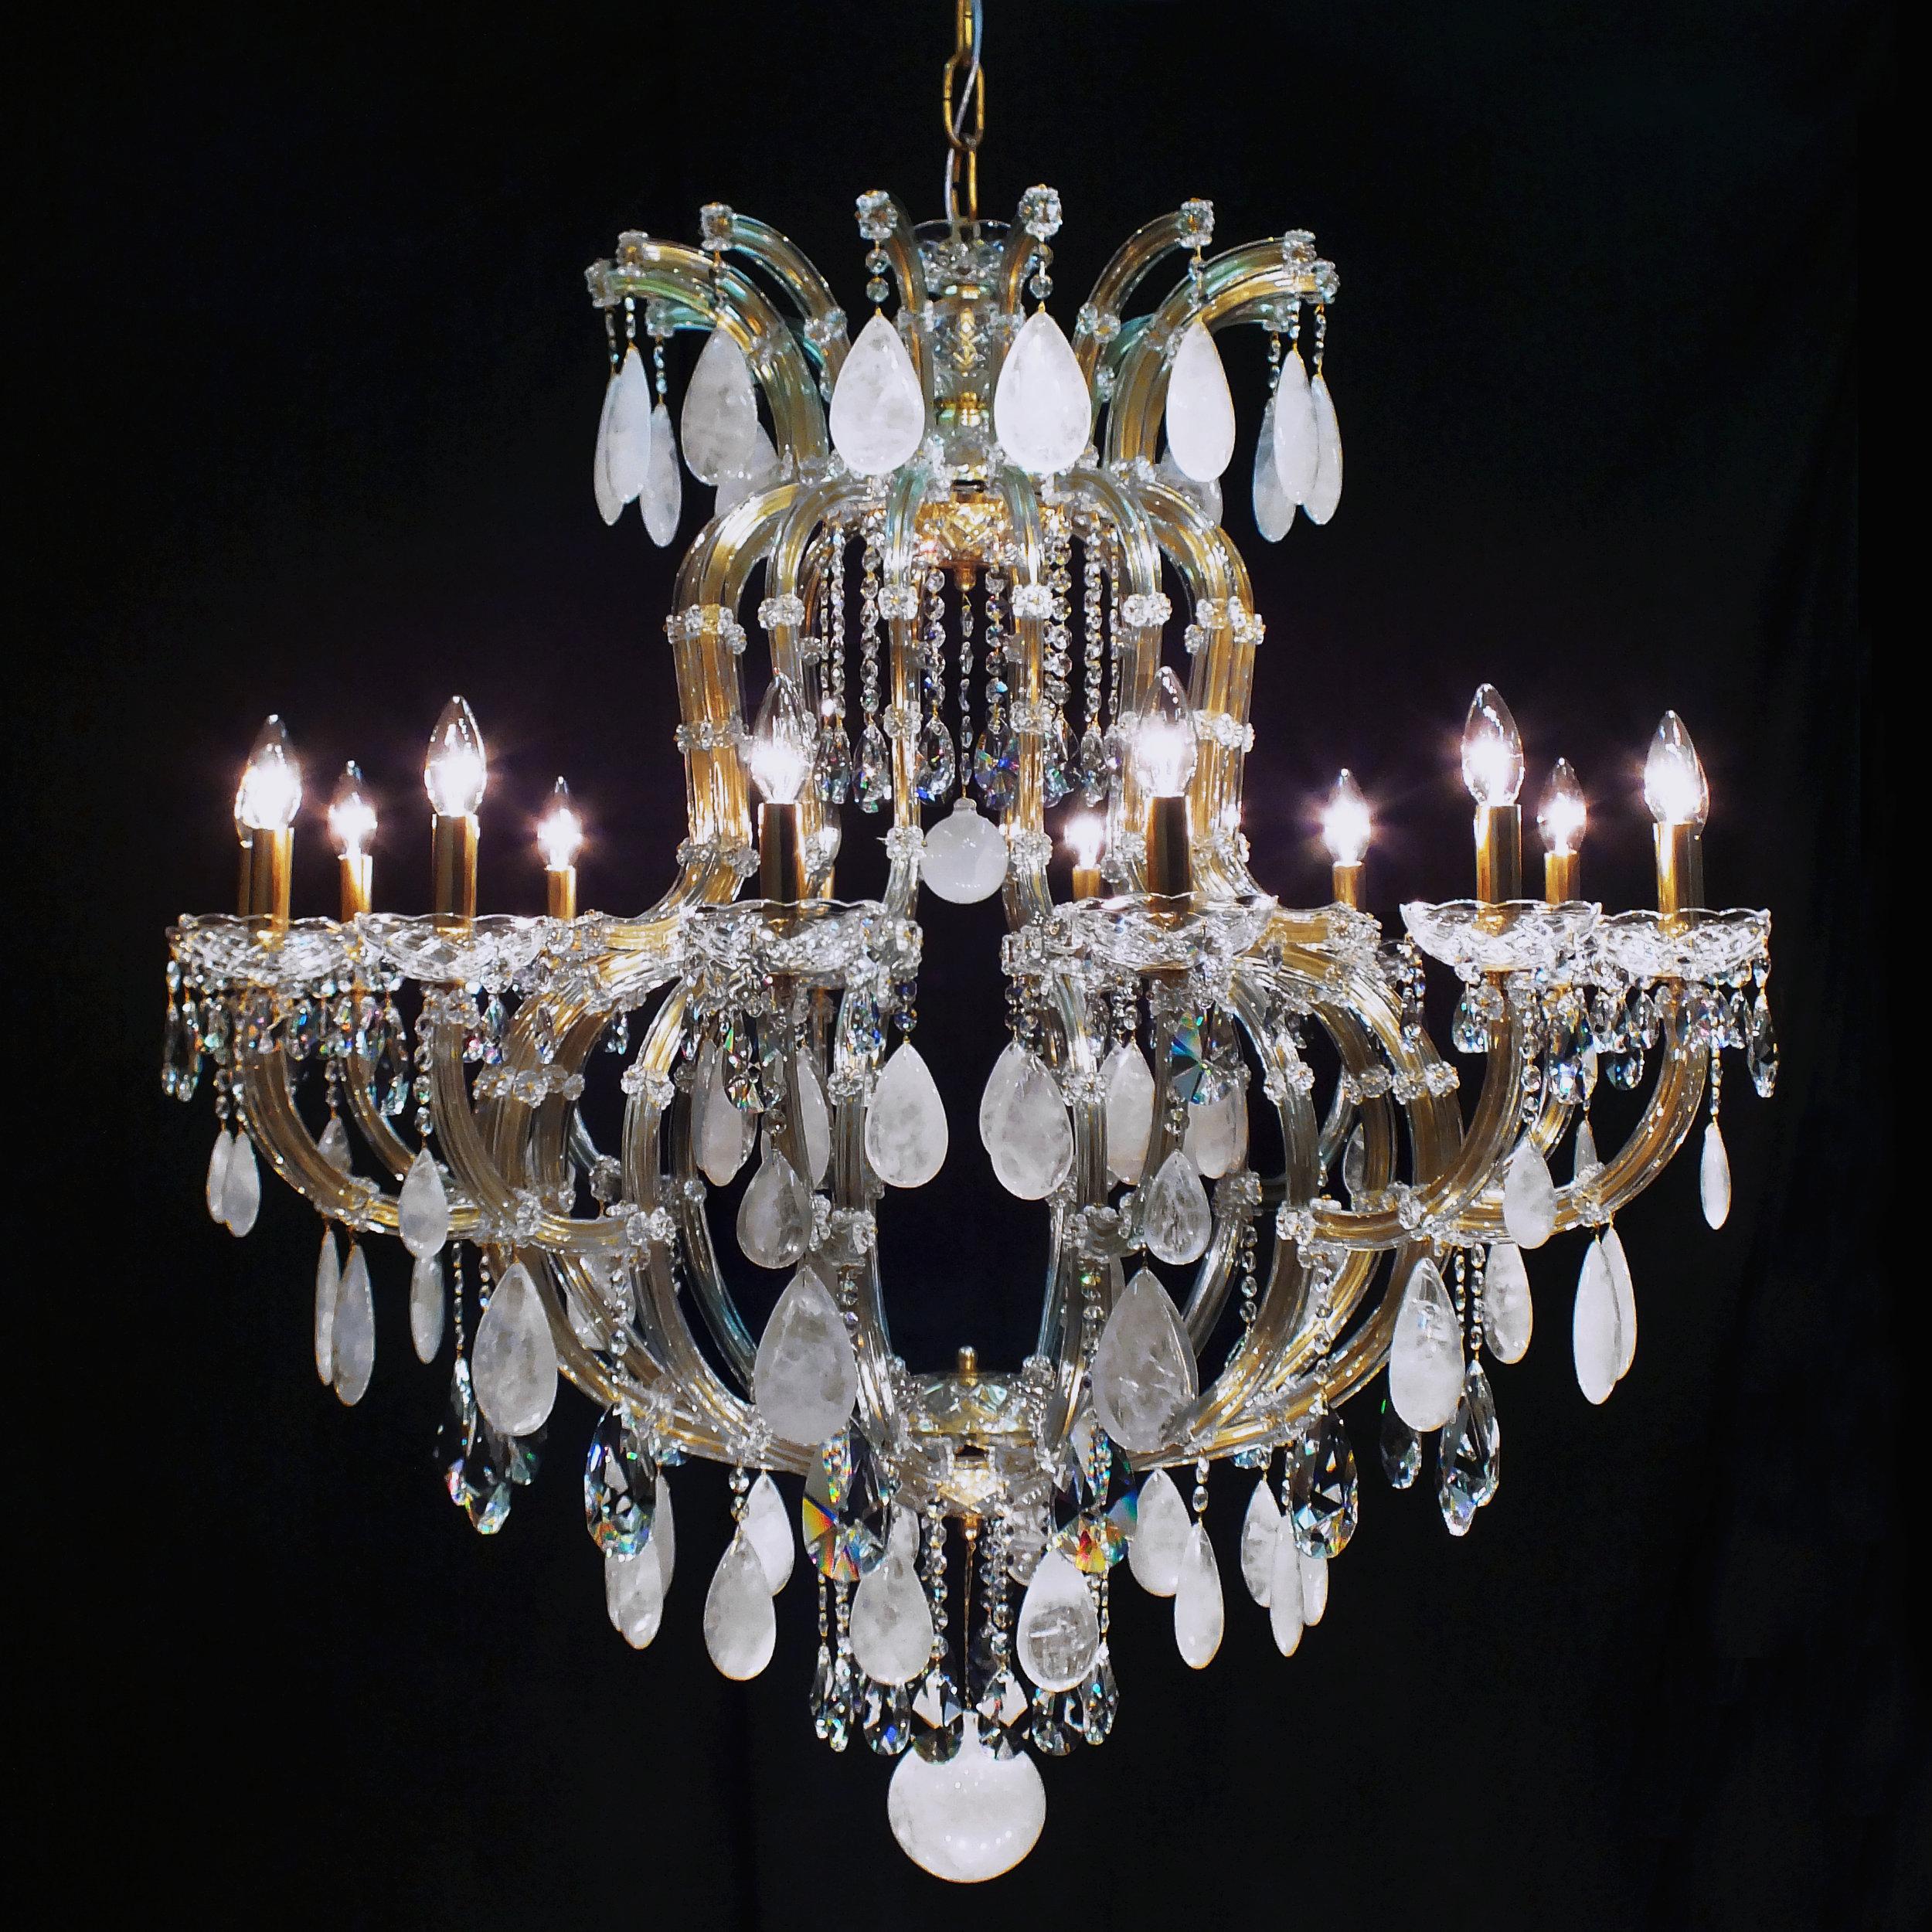 Lustre Marselha 14 braços, no estilo Maria Theresa, em latão no tom dourado e cristais de rocha brancos.